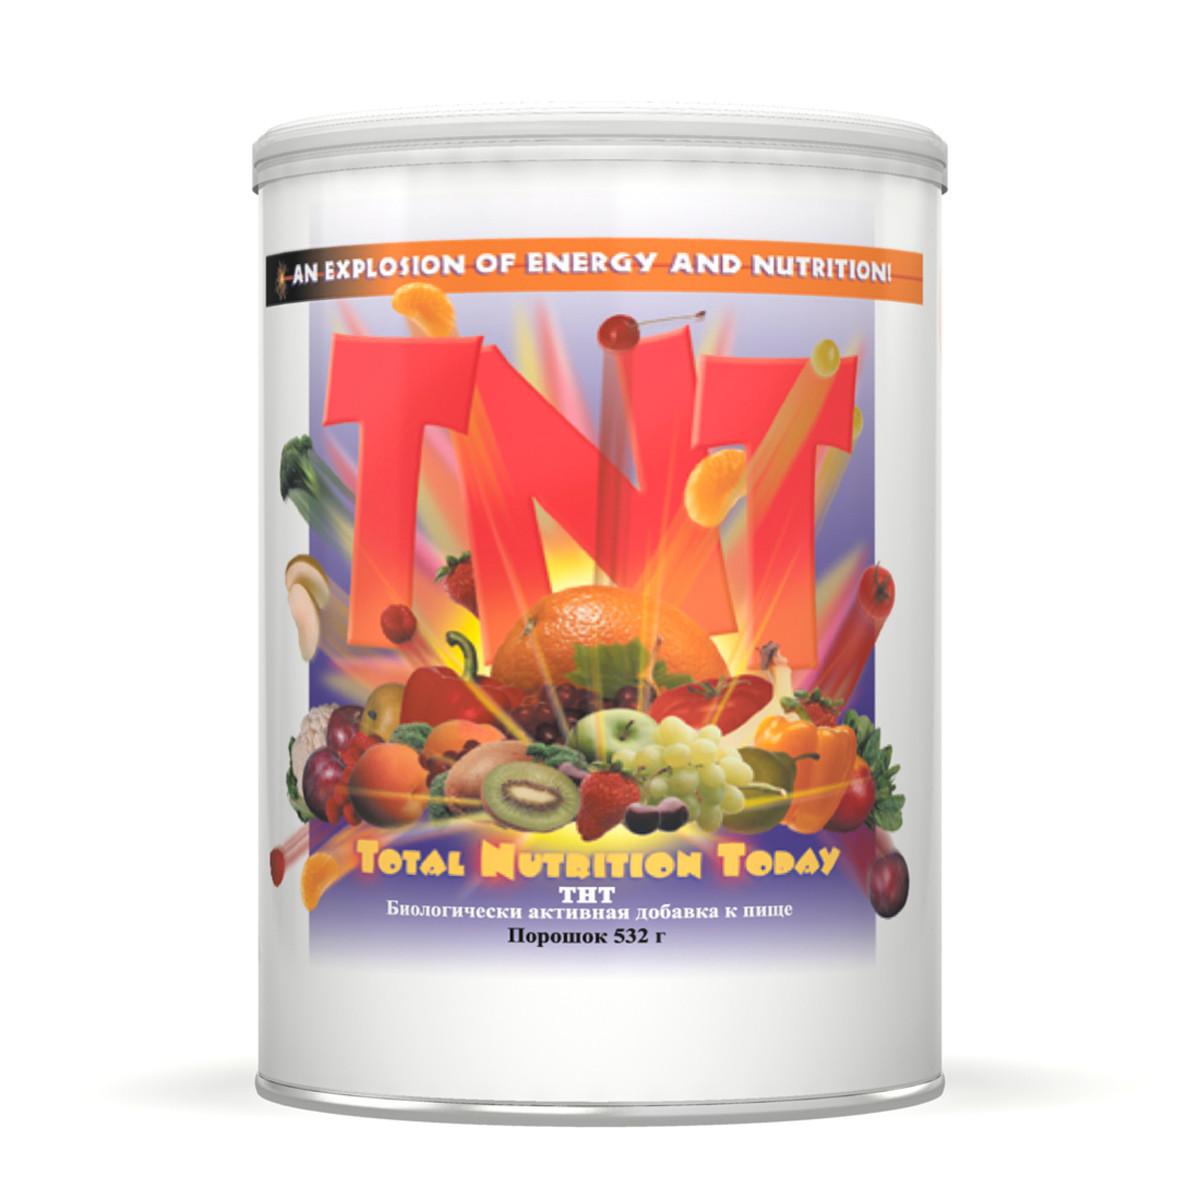 Бад Витаминный коктейль TNT НСП Полноценное питание сегодня